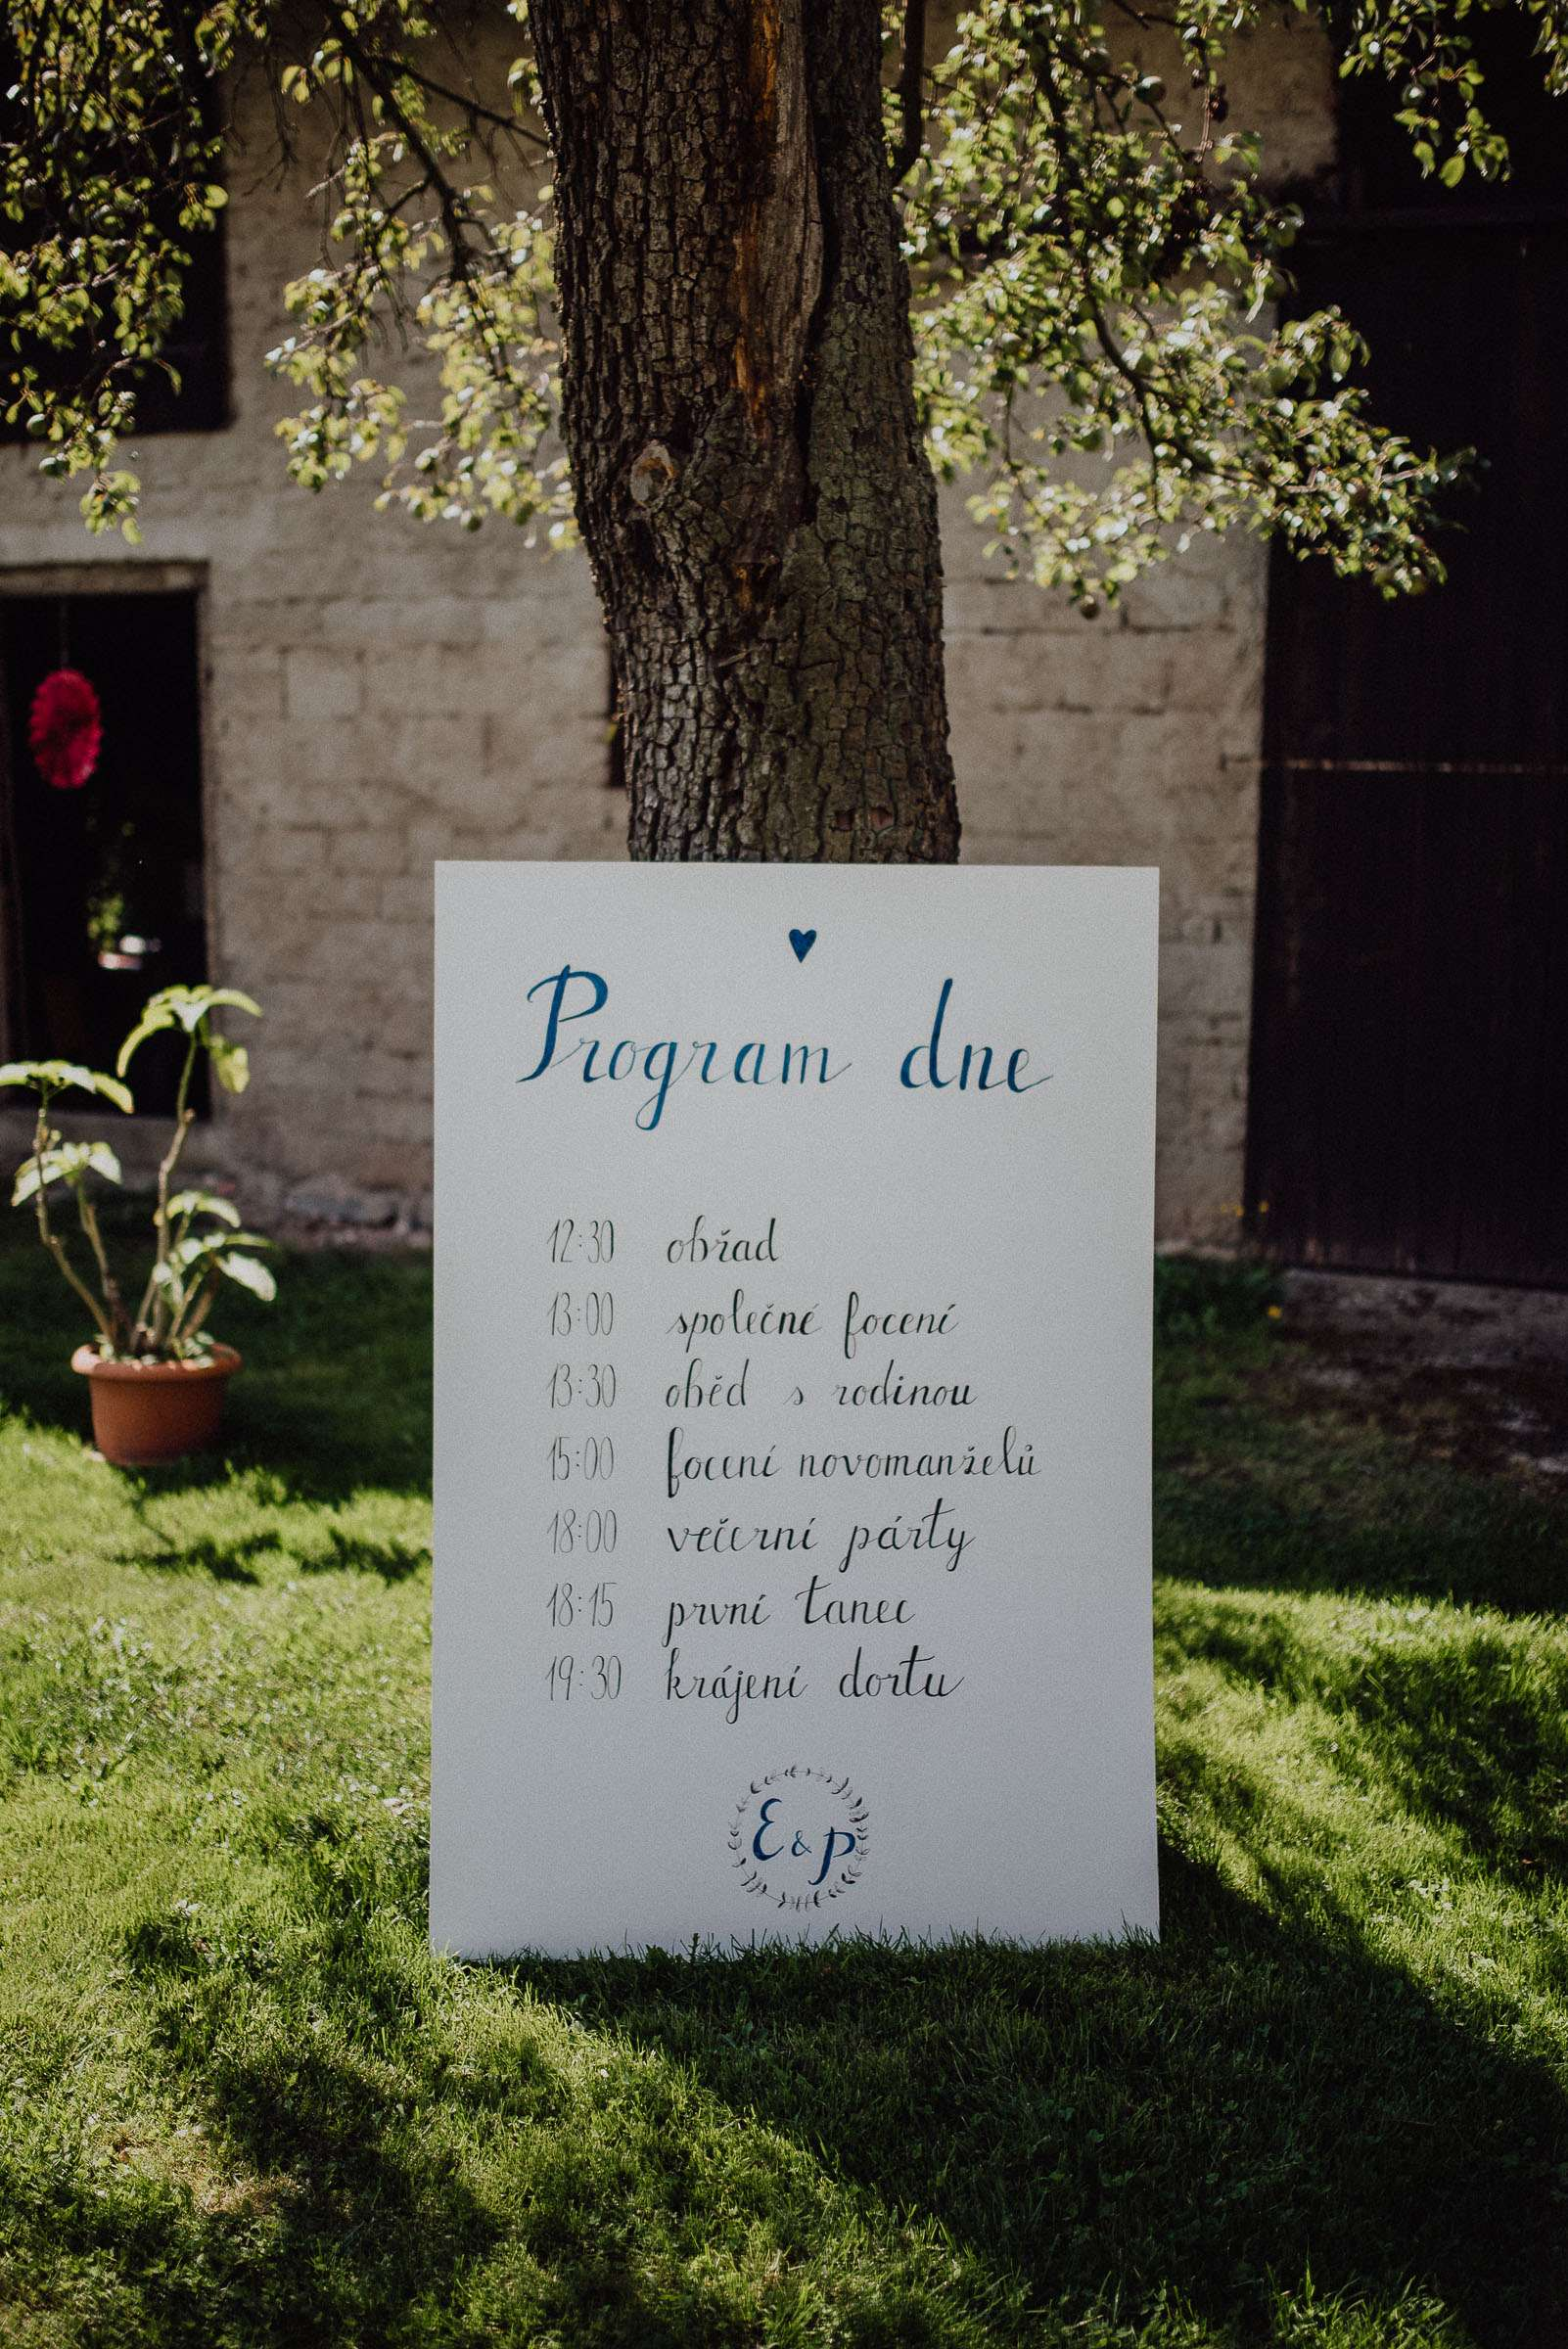 Cedule s programem svatby opřená o strom vedle stodoly